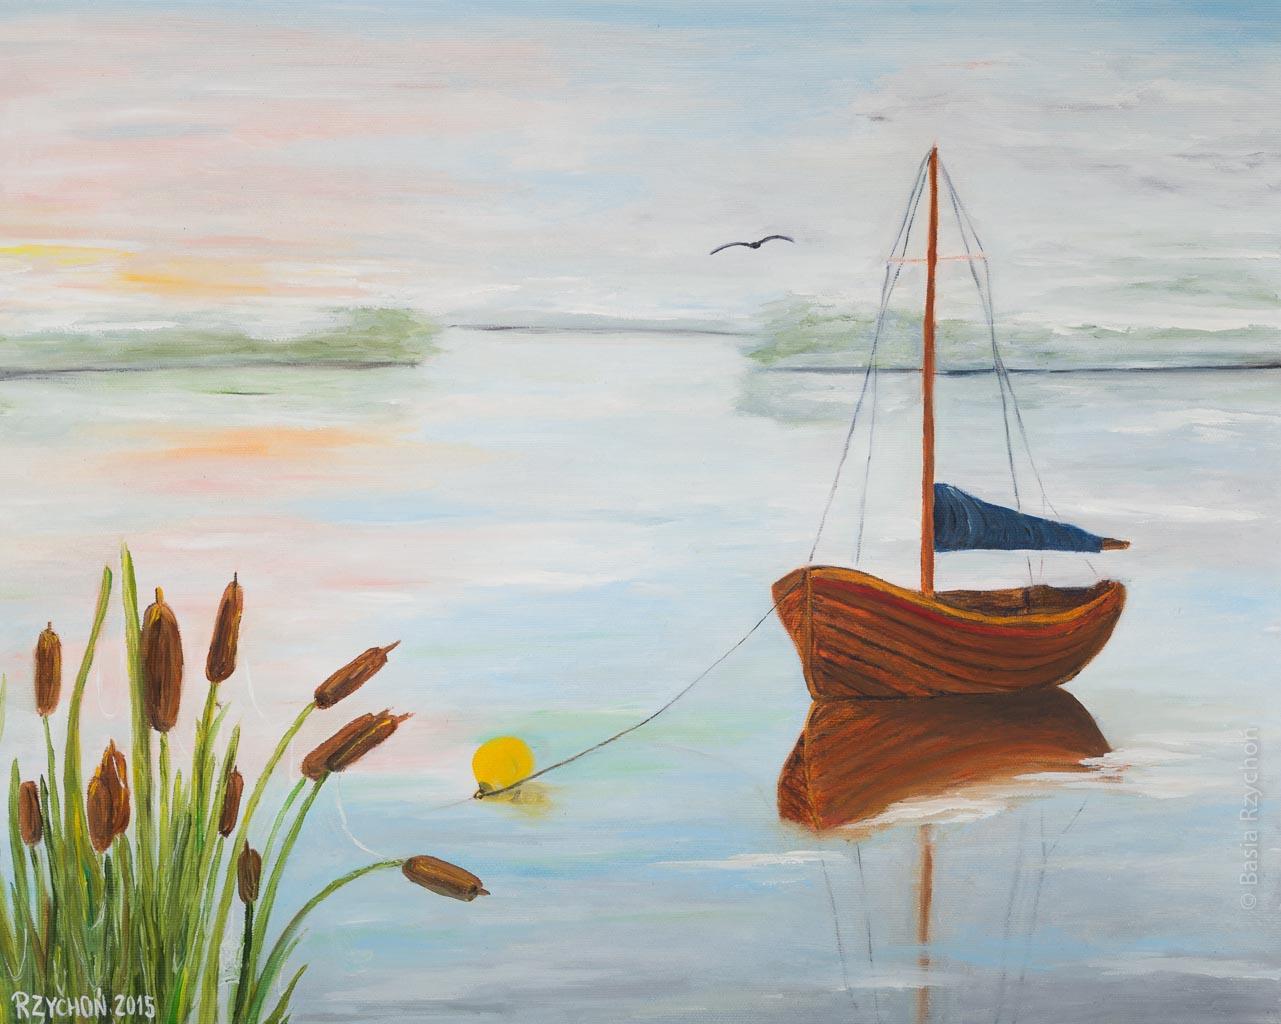 Świt nad jeziorem, Obraz olejny na płótnie, 50 x 40 cm, 2015. Obraz w kolekcji prywatnej.